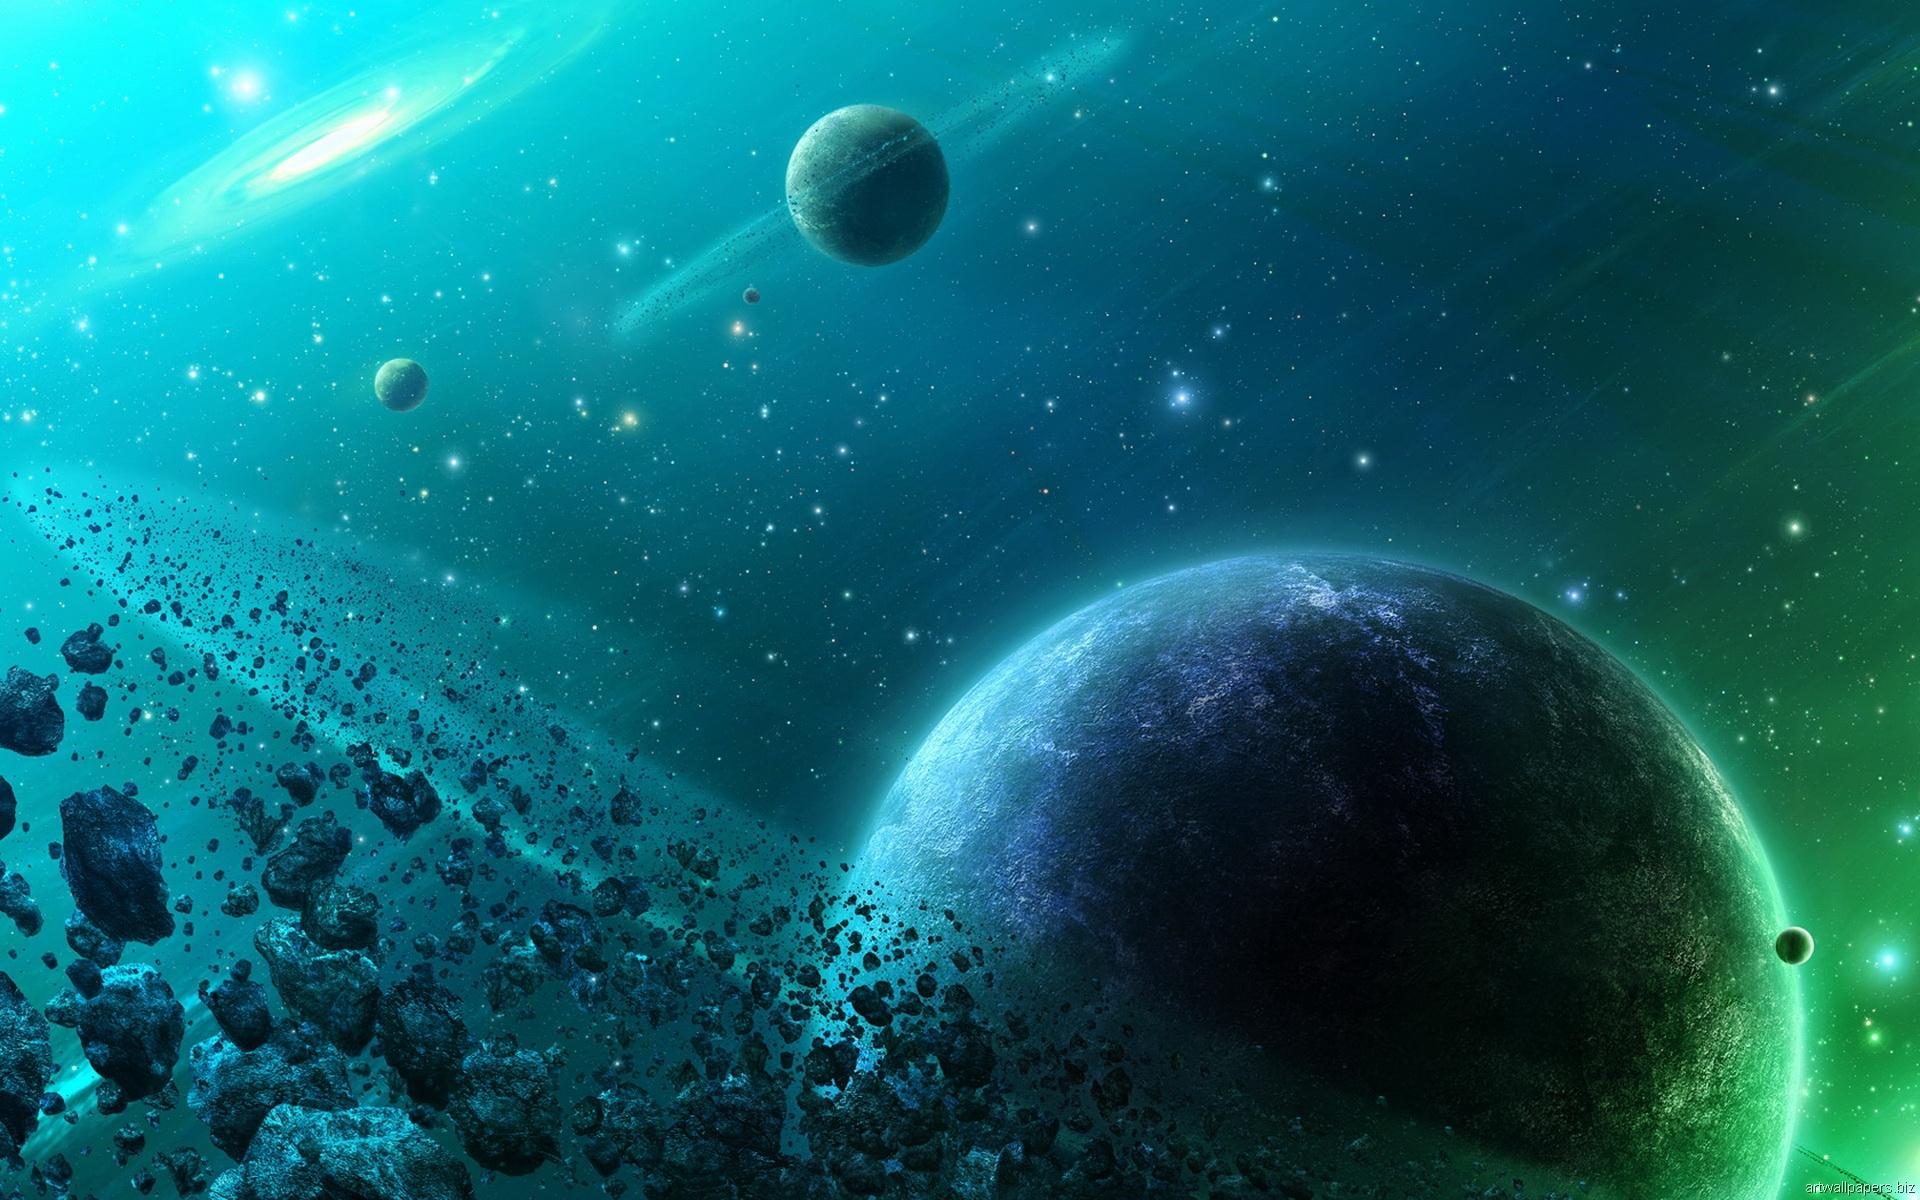 Обои планета космос орбита картинки на рабочий стол на тему Космос - скачать  № 1757009 бесплатно